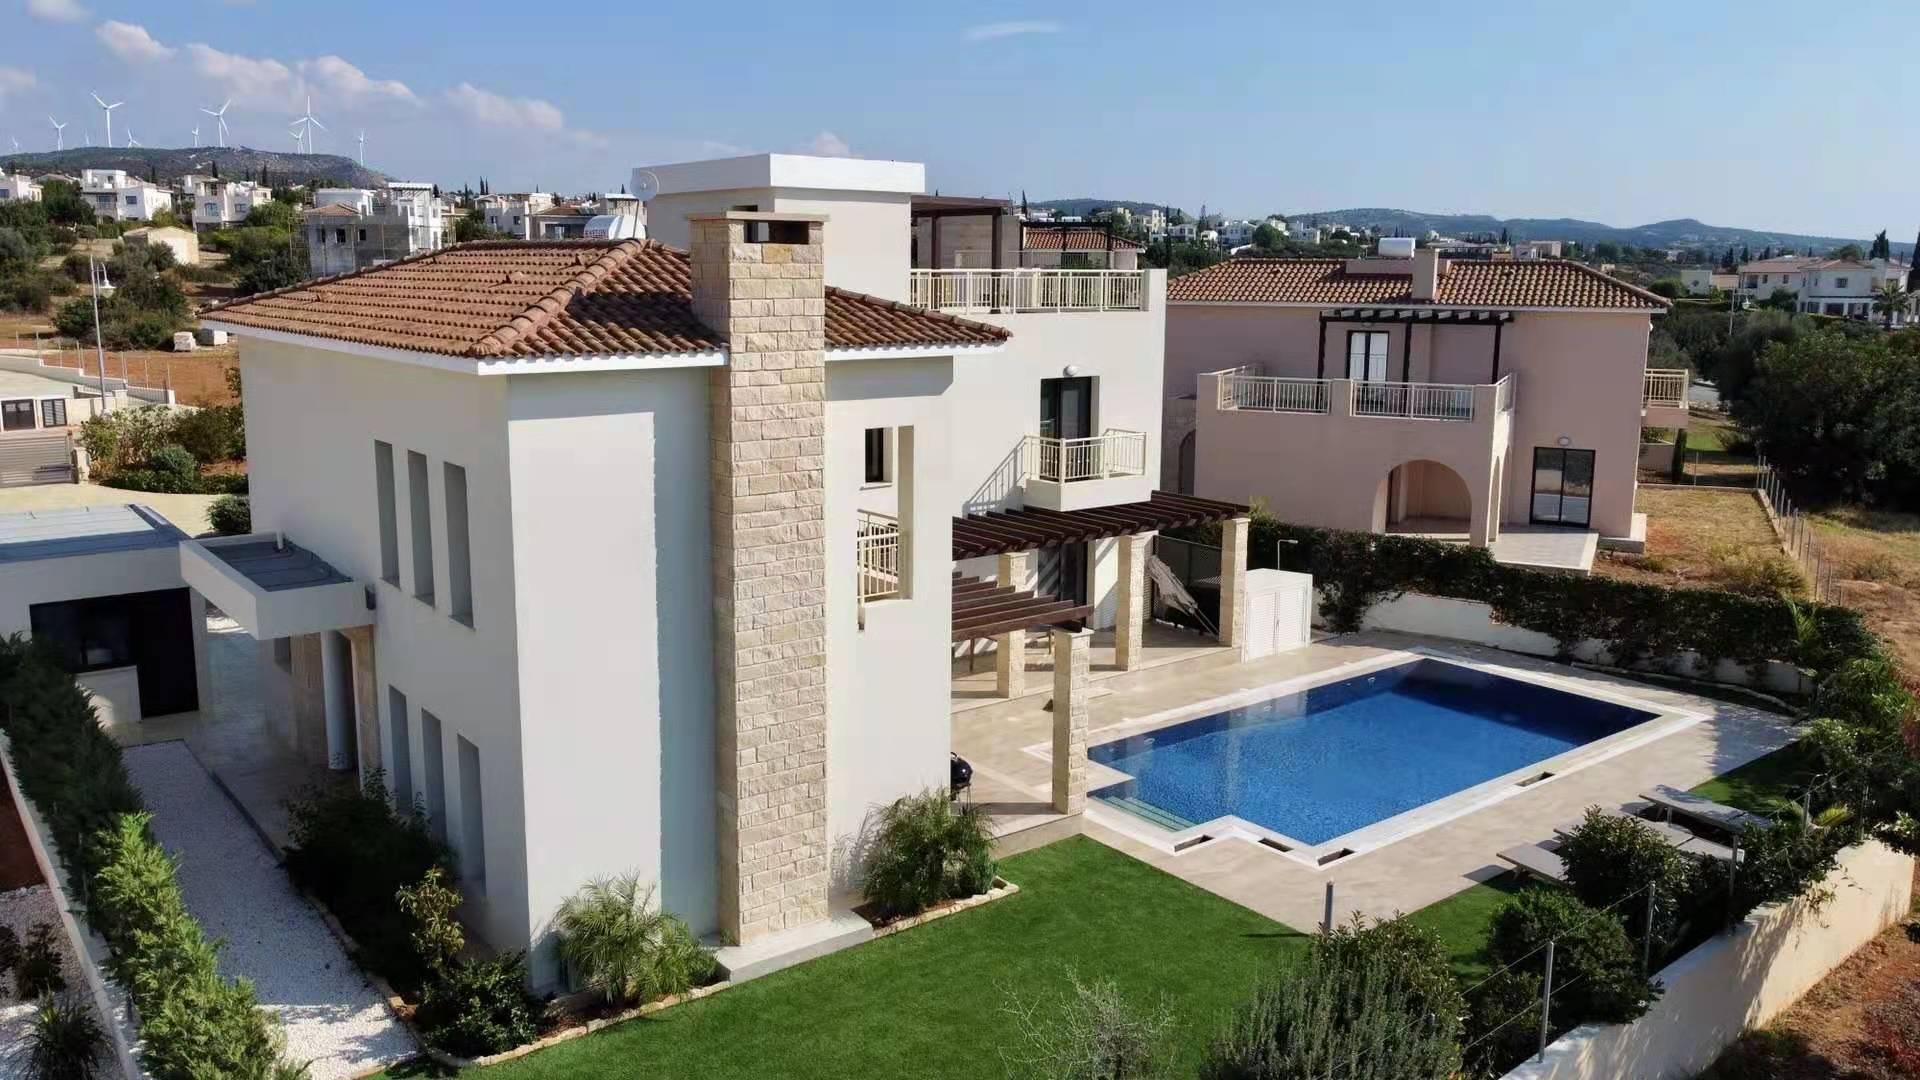 塞浦路斯利马索独栋别墅